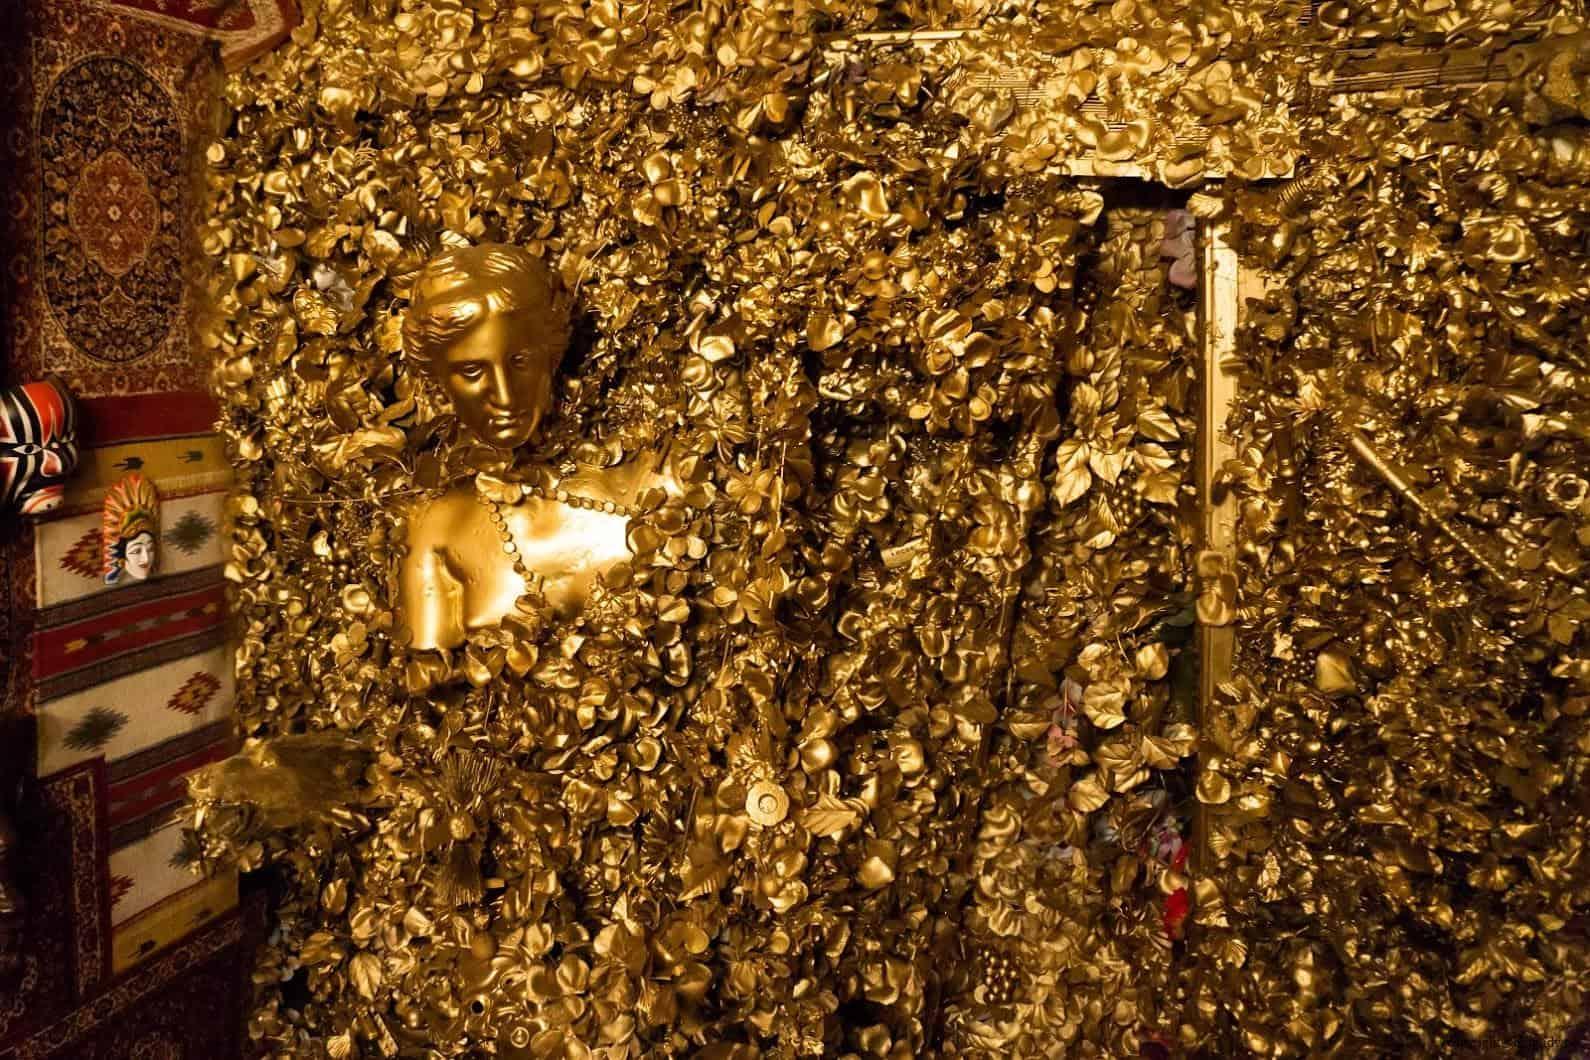 豊福亮,黃金遊戲場,違和的錯亂彷彿進入另一個異次元空間;在黃金花中掙扎而出的...人? 黃金遊戲場 黃金遊戲場 golden playroom 03